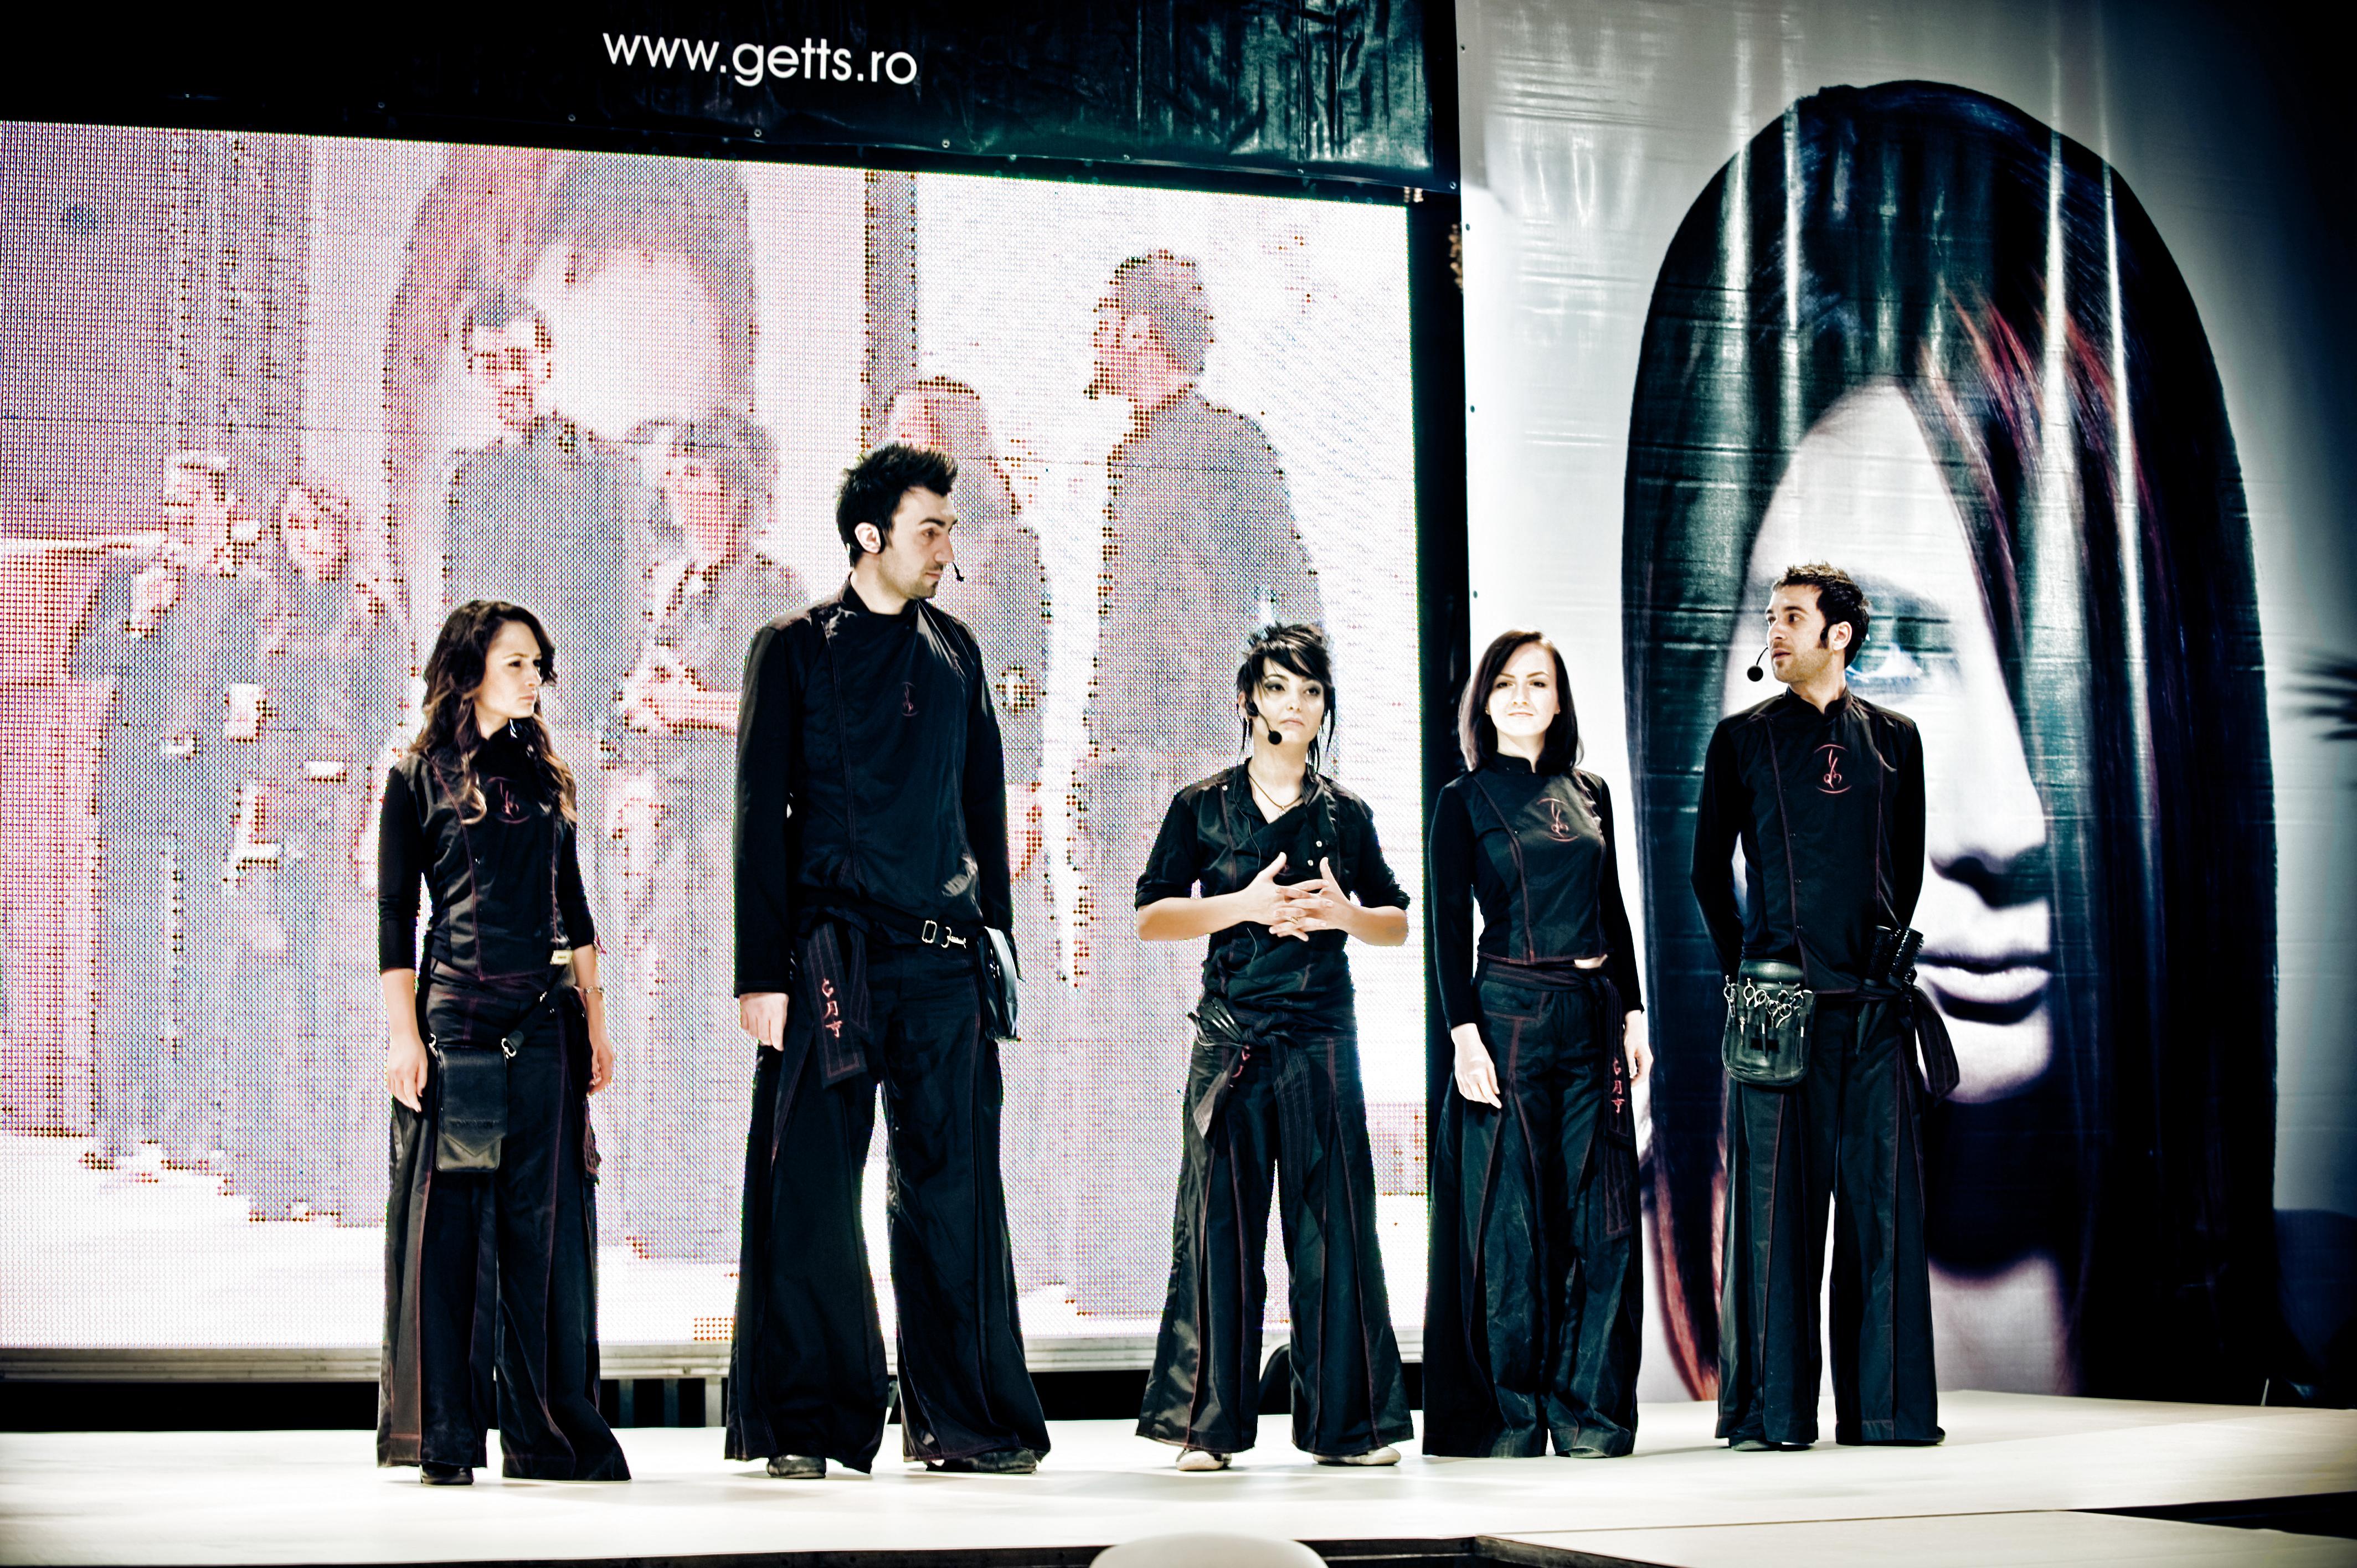 show-getts-iulius-00049